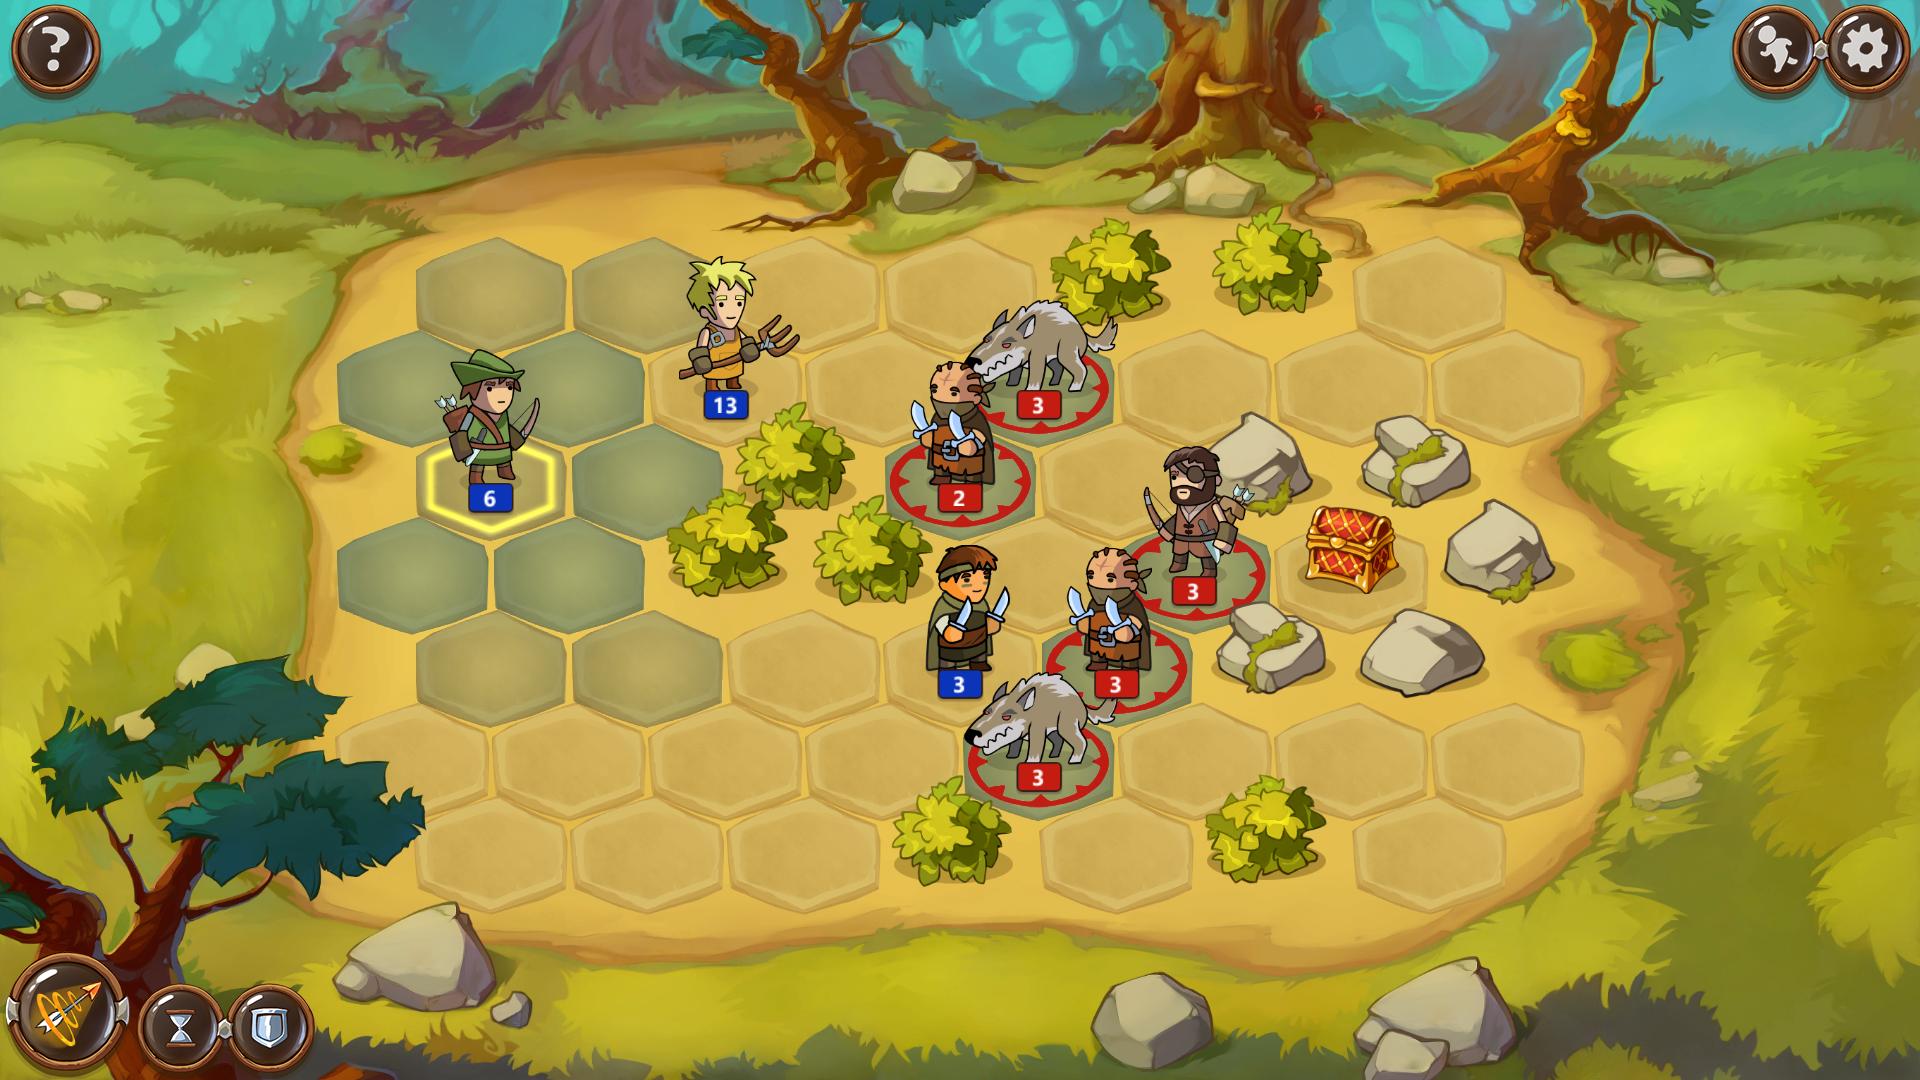 Braveland - пошаговая игра ручной работы. - Изображение 2